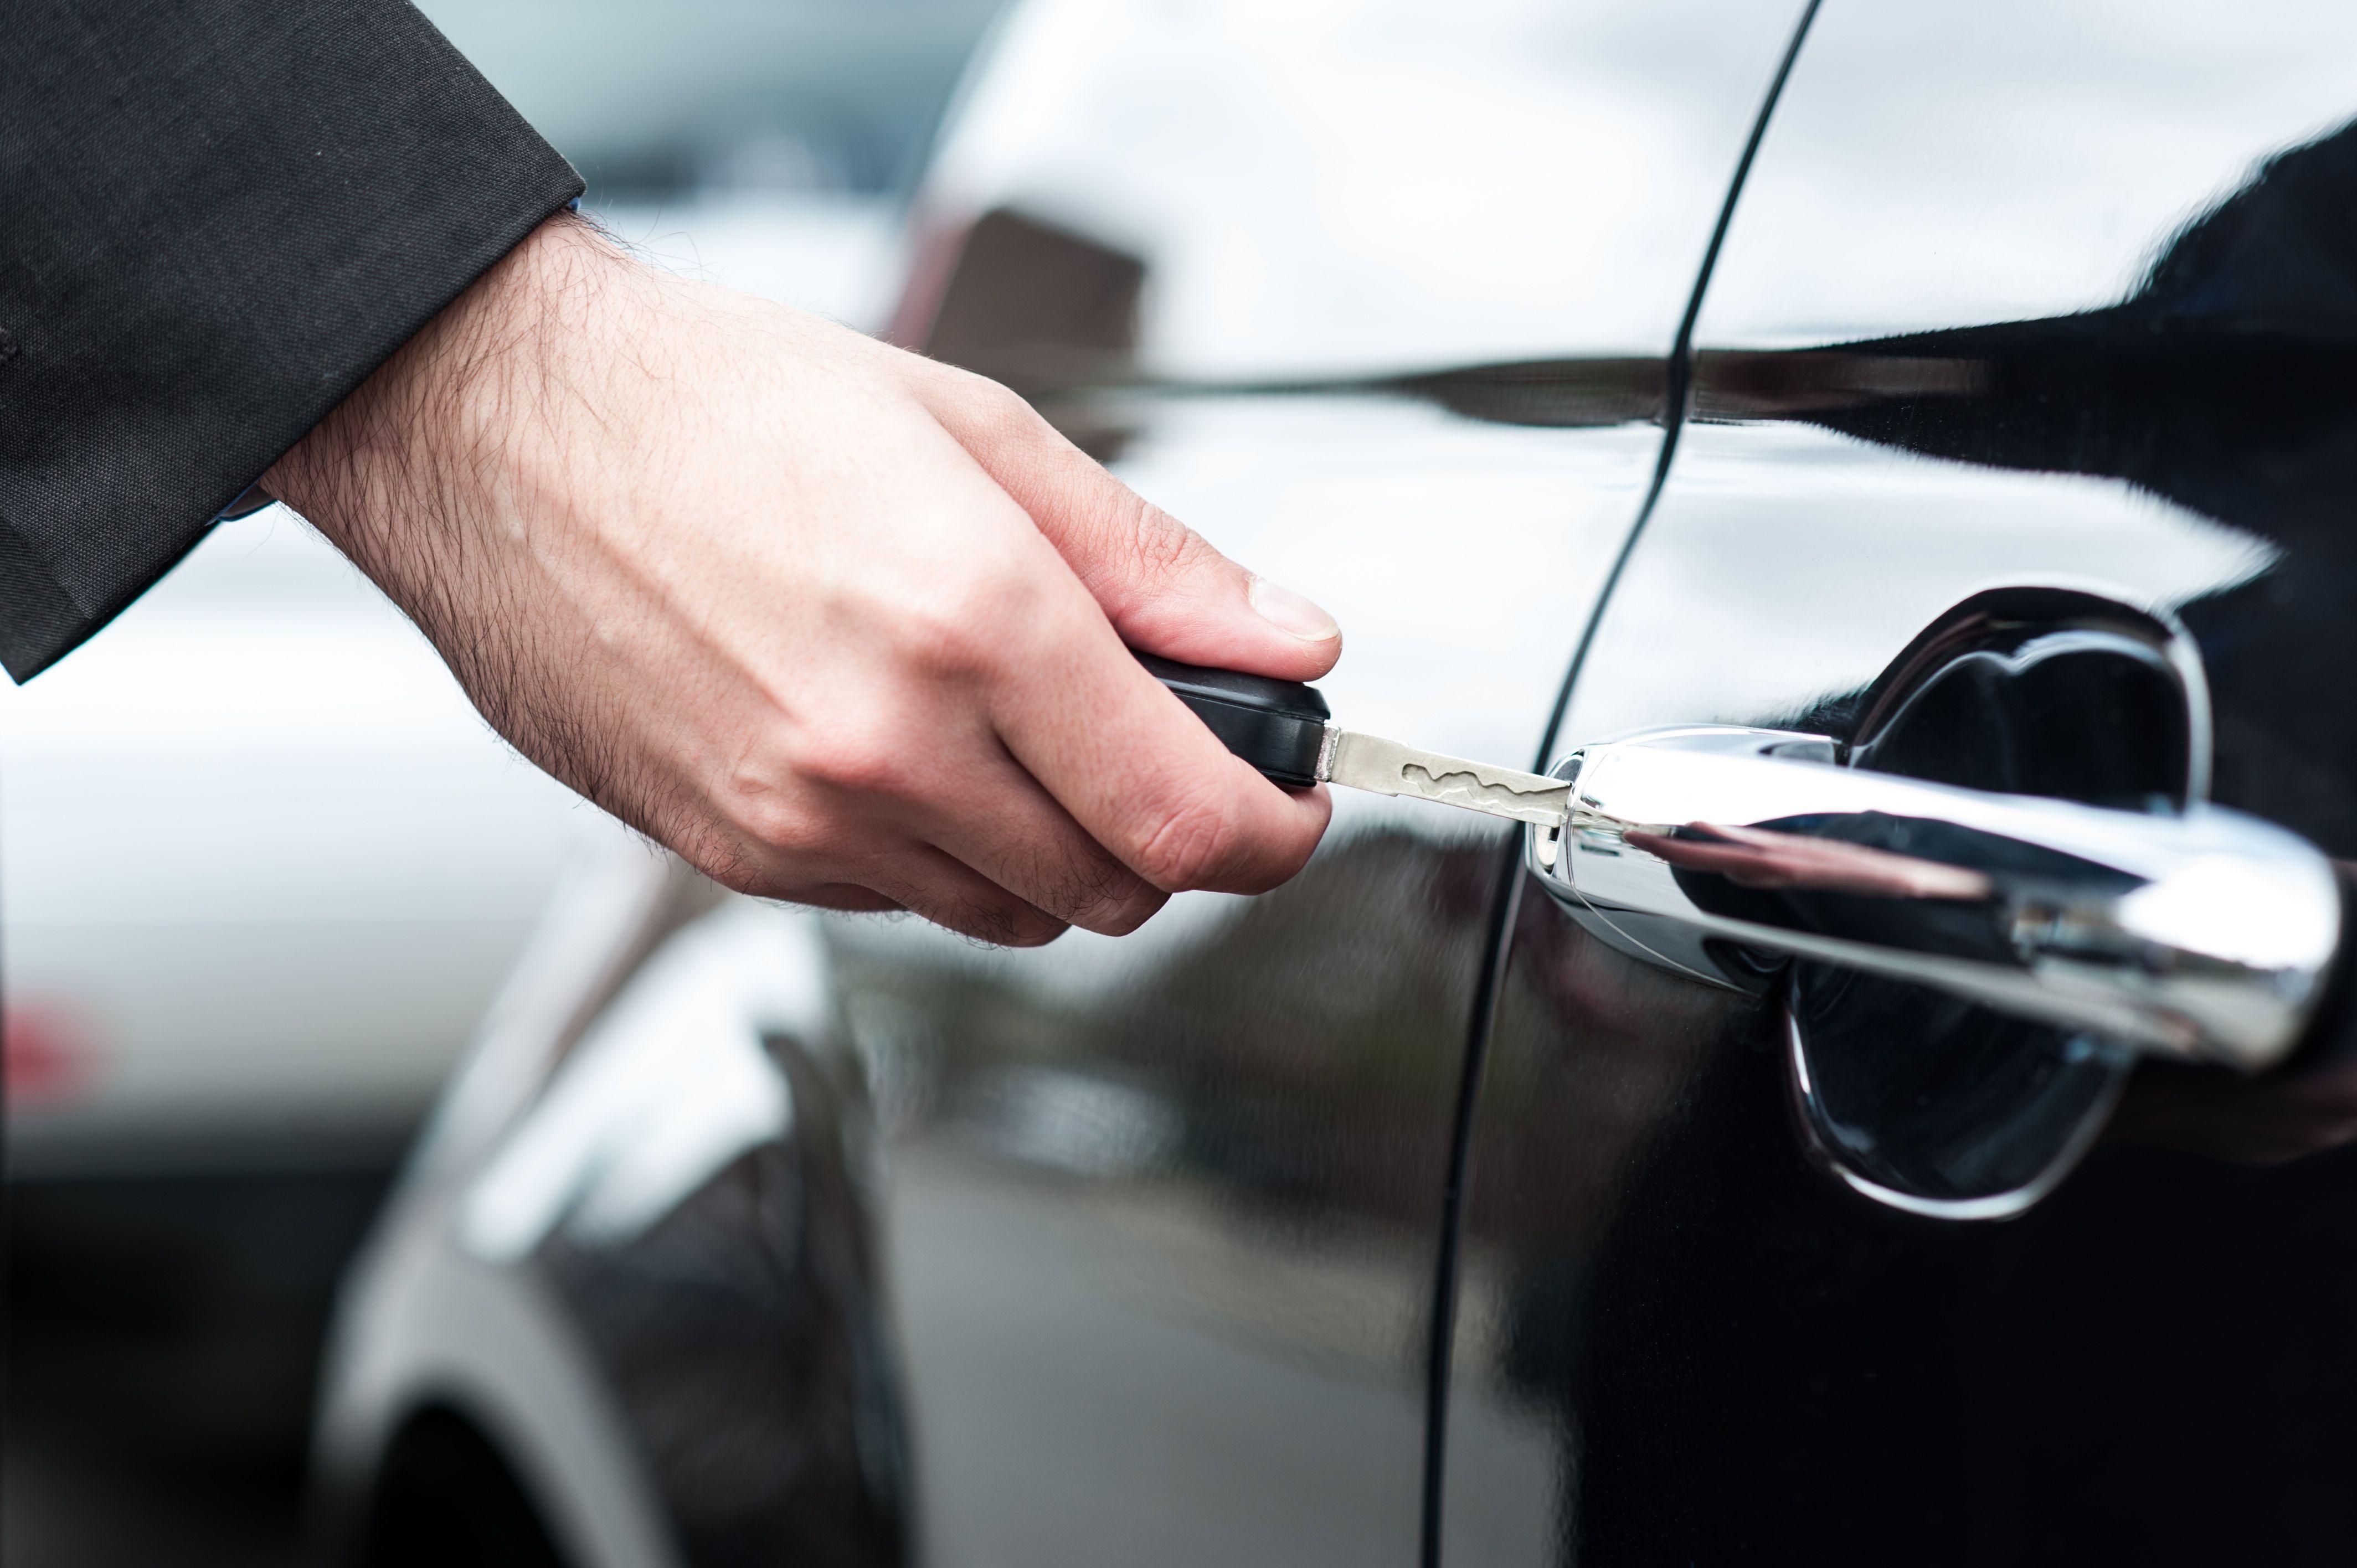 Как защитить автомобиль от угона, грабежа